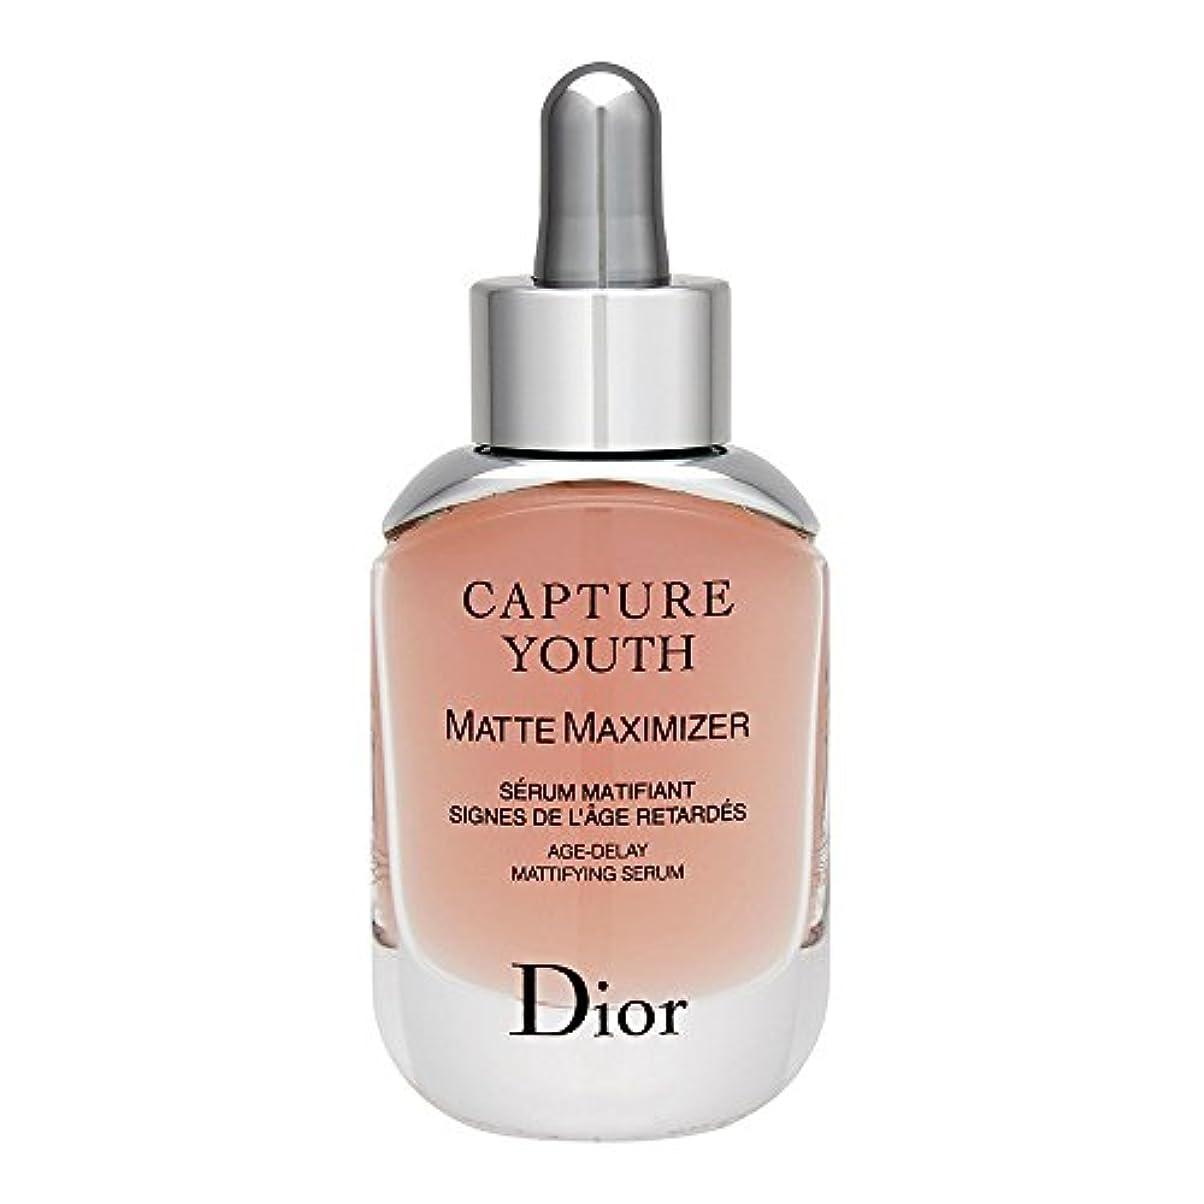 クリスチャンディオール Christian Dior カプチュール ユース マット マキシマイザー 30mL [並行輸入品]